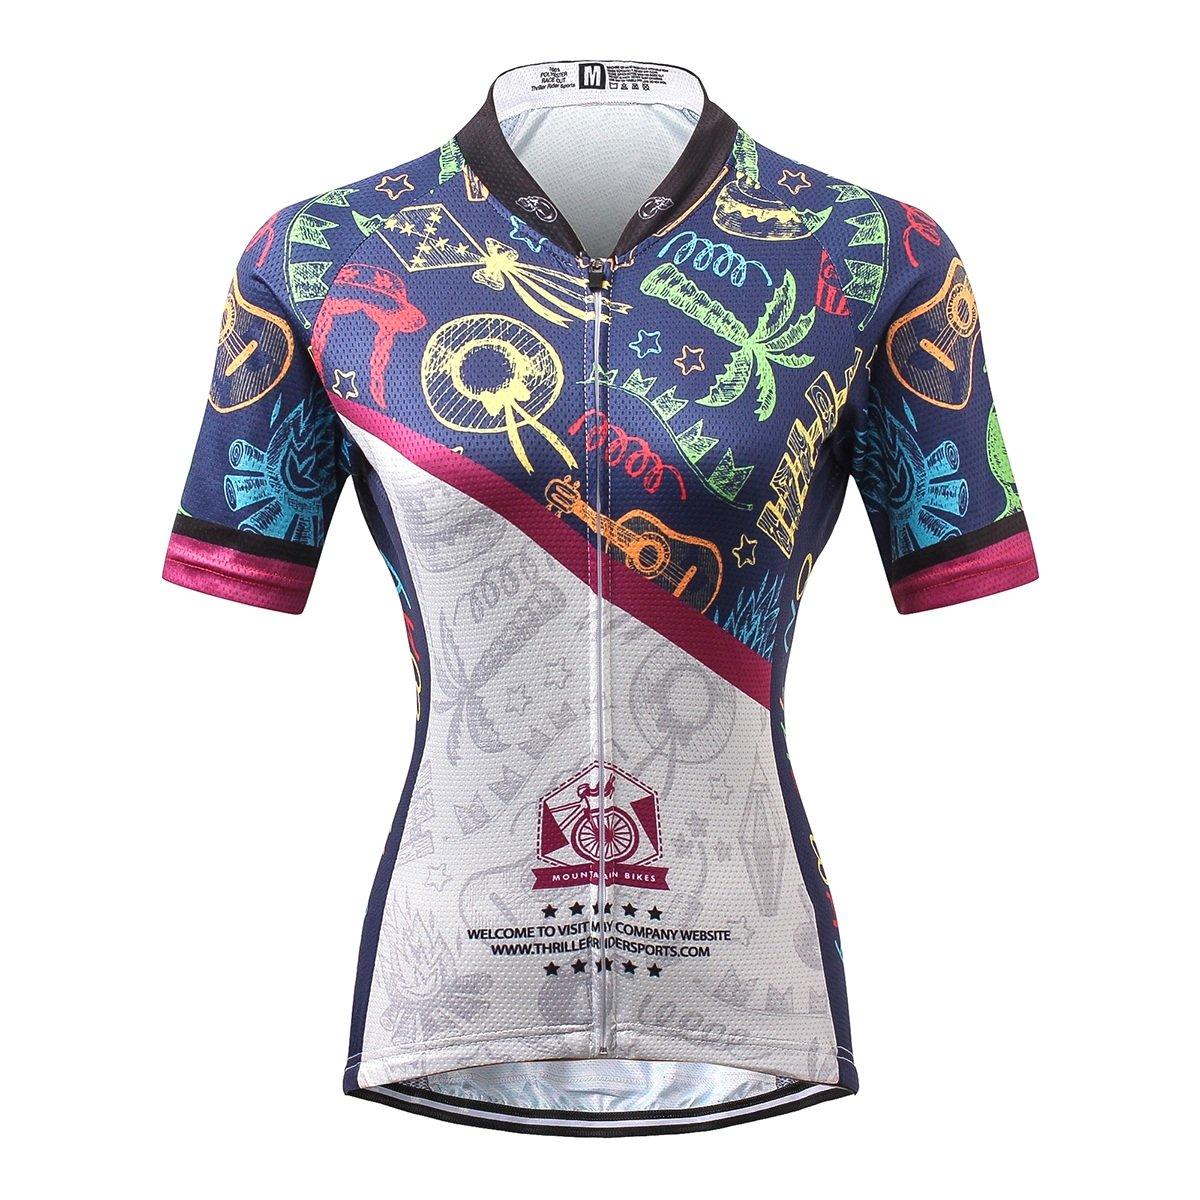 Thriller Riderスポーツレディース夏アウトドアスポーツマウンテンバイク半袖サイクリングジャージー B0755WX631 2X-Large = Chest 43.5''|ジャージ ジャージ 2X-Large = Chest 43.5''